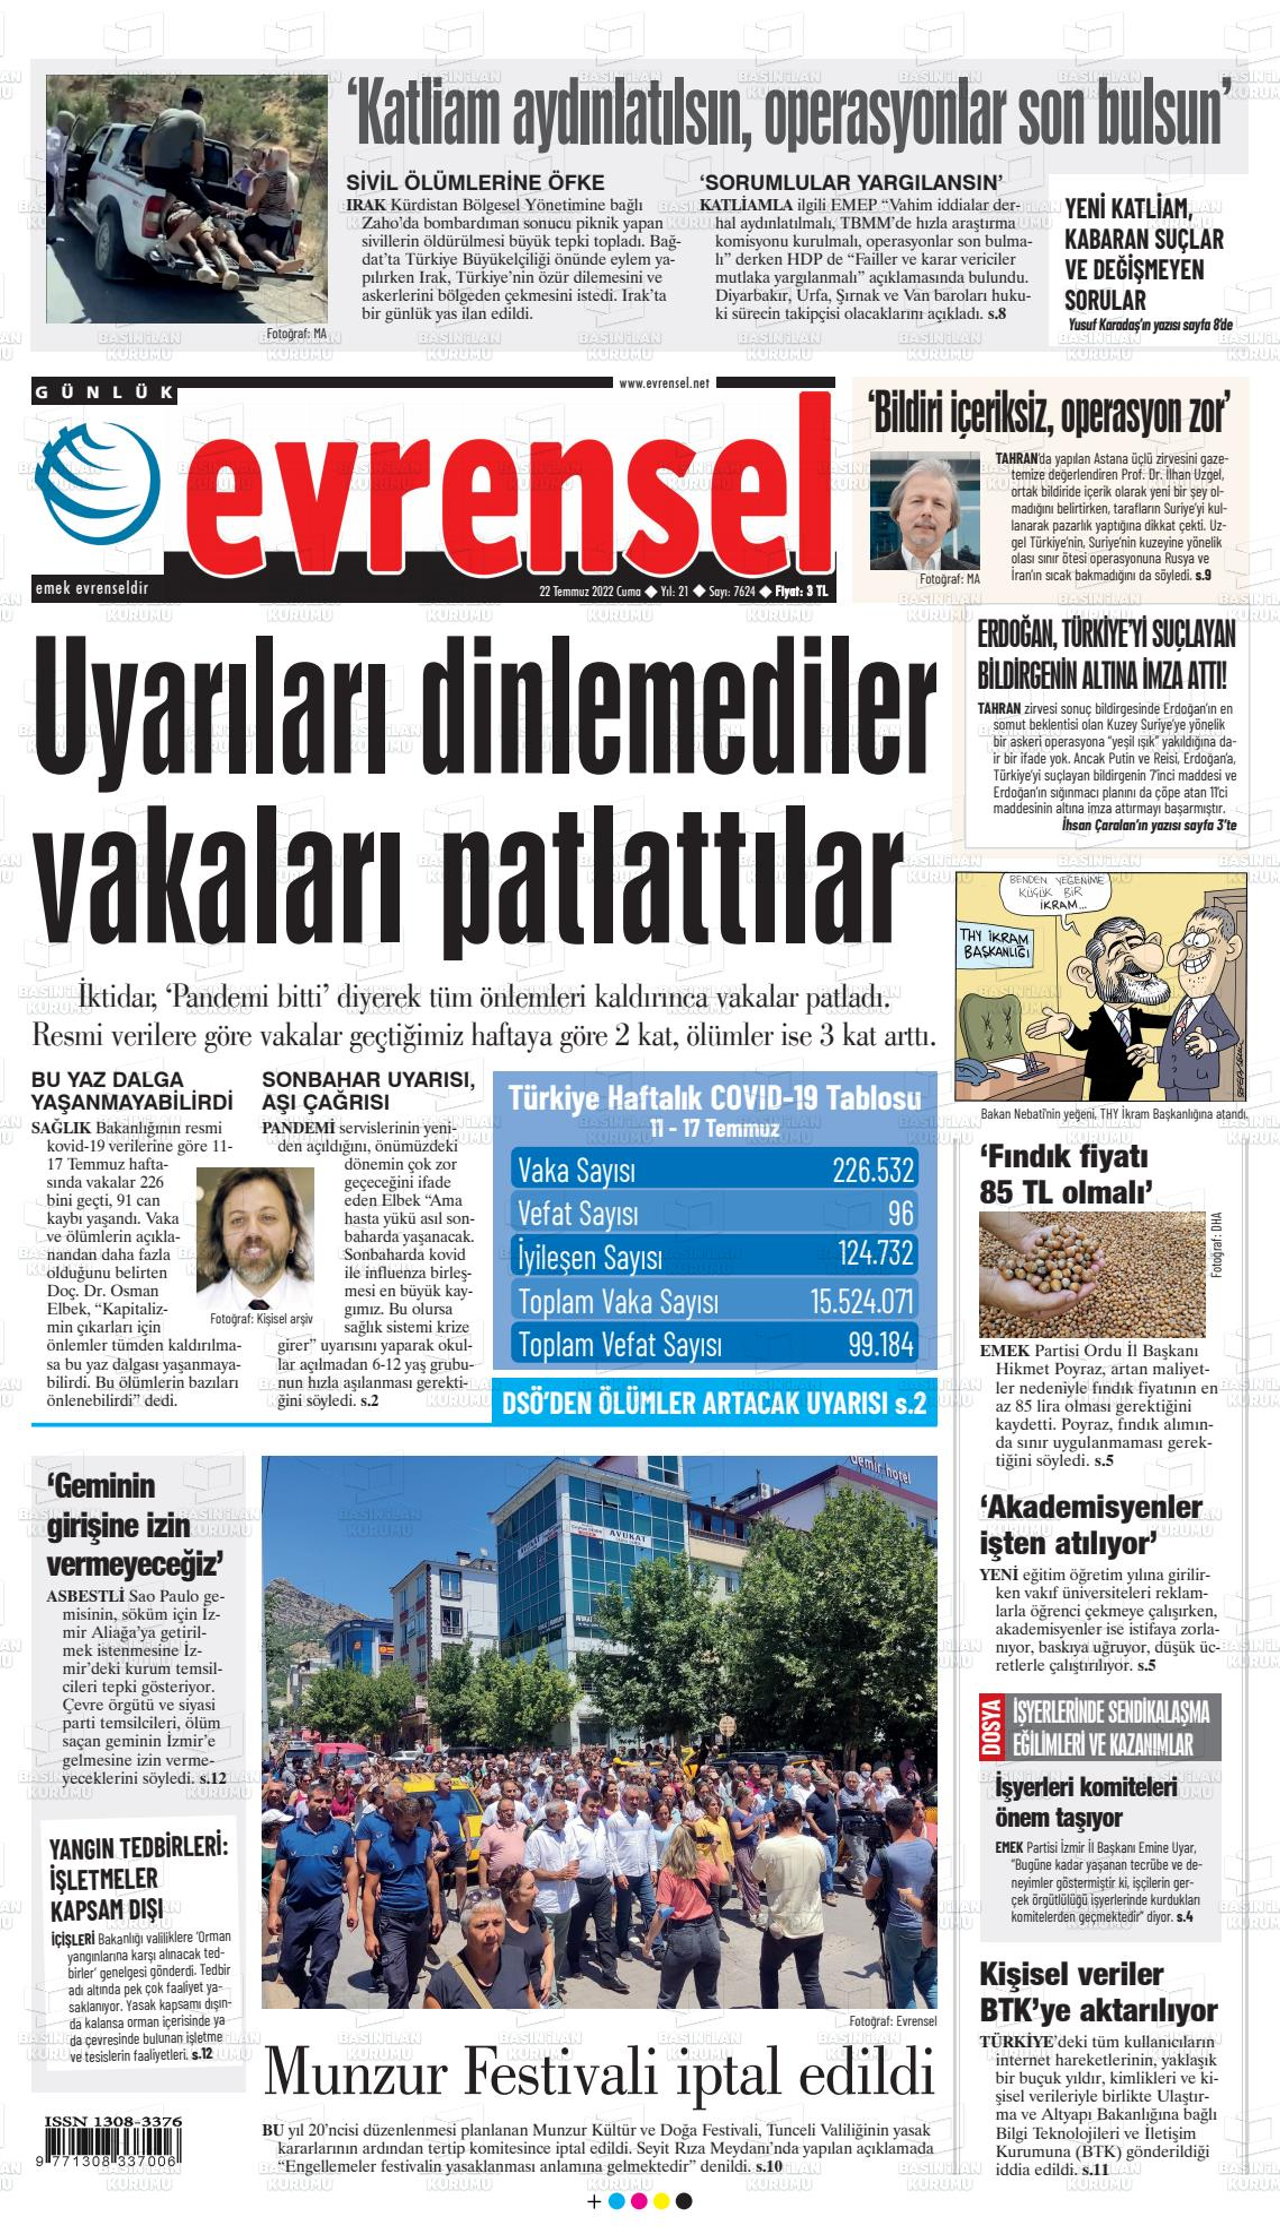 Evrensel Gazetesi